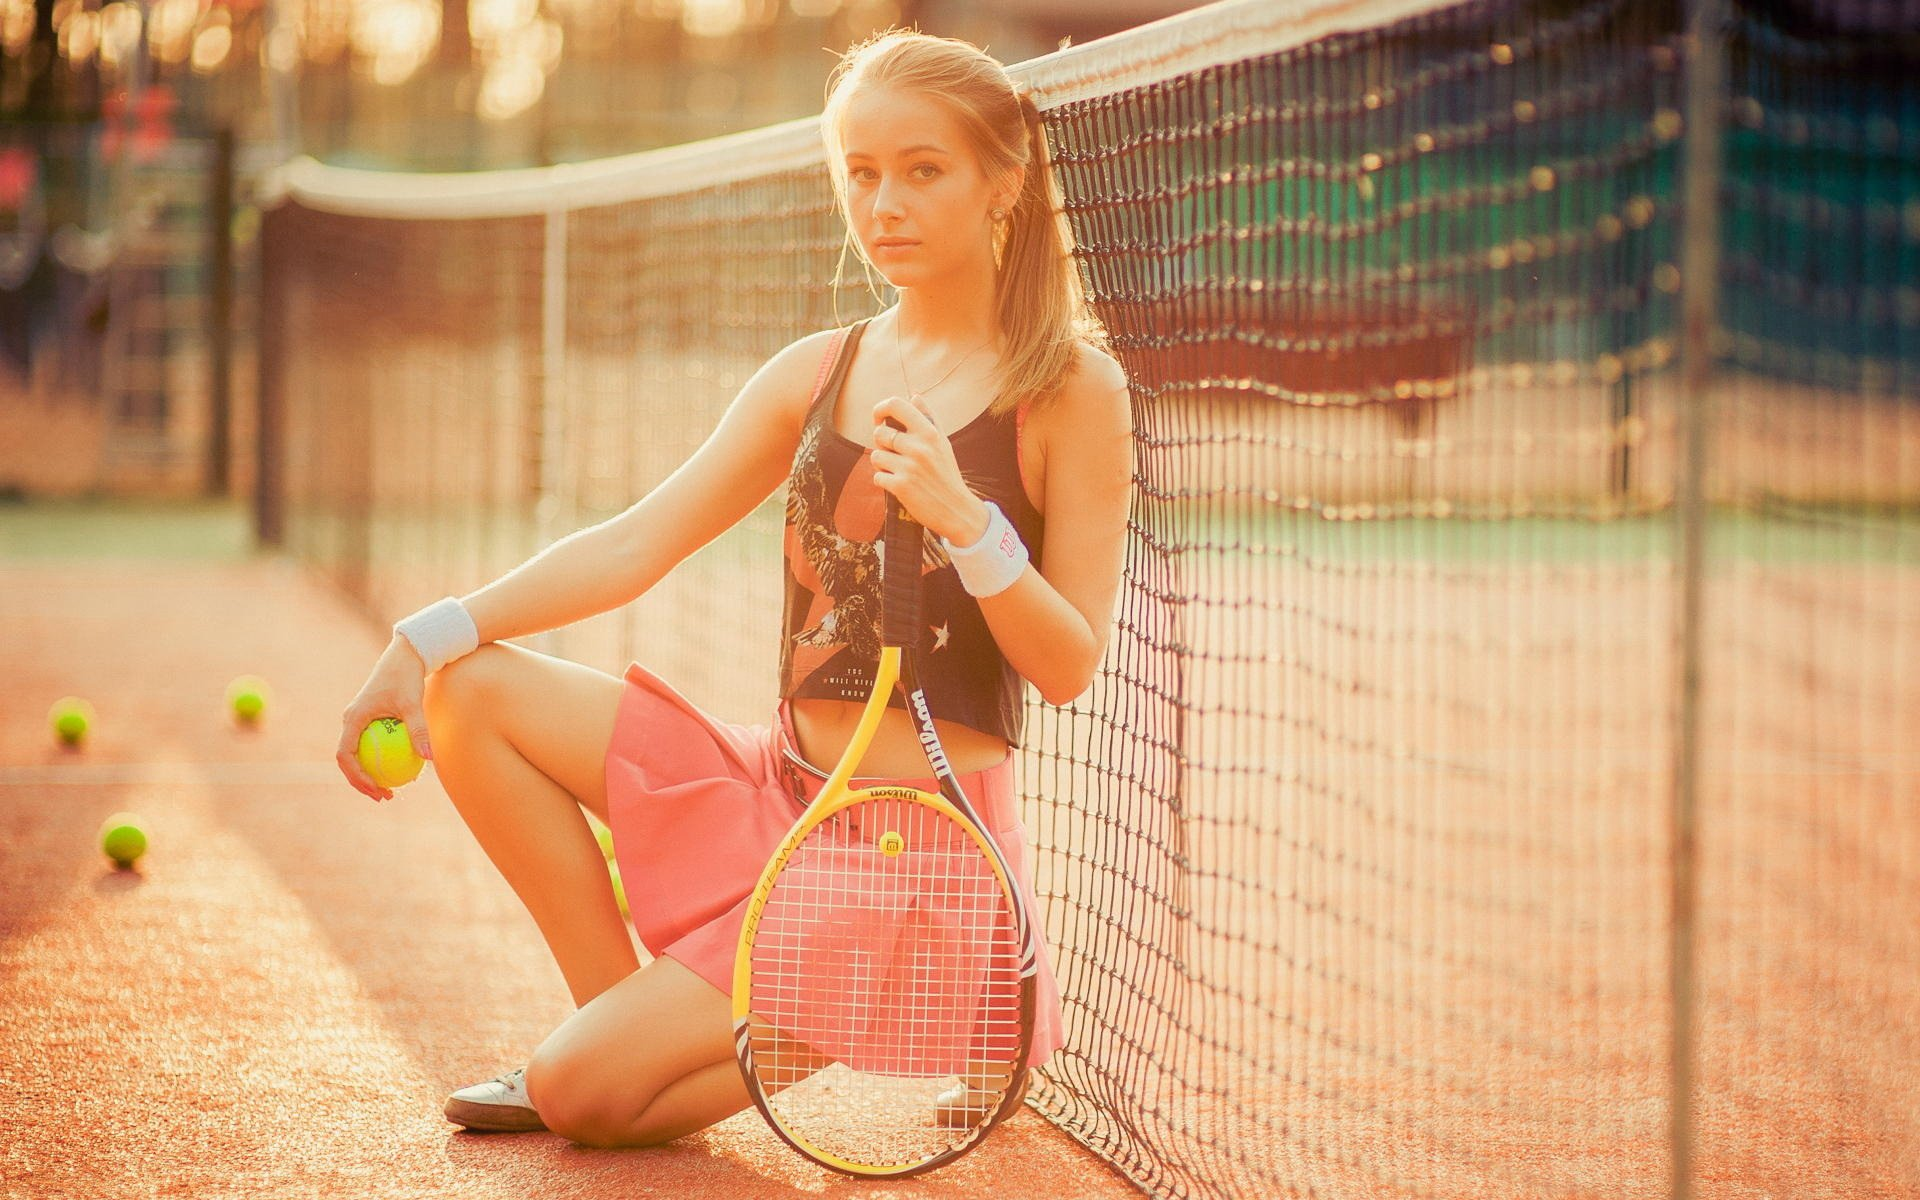 требовал фото с теннисной ракеткой вредителя легко